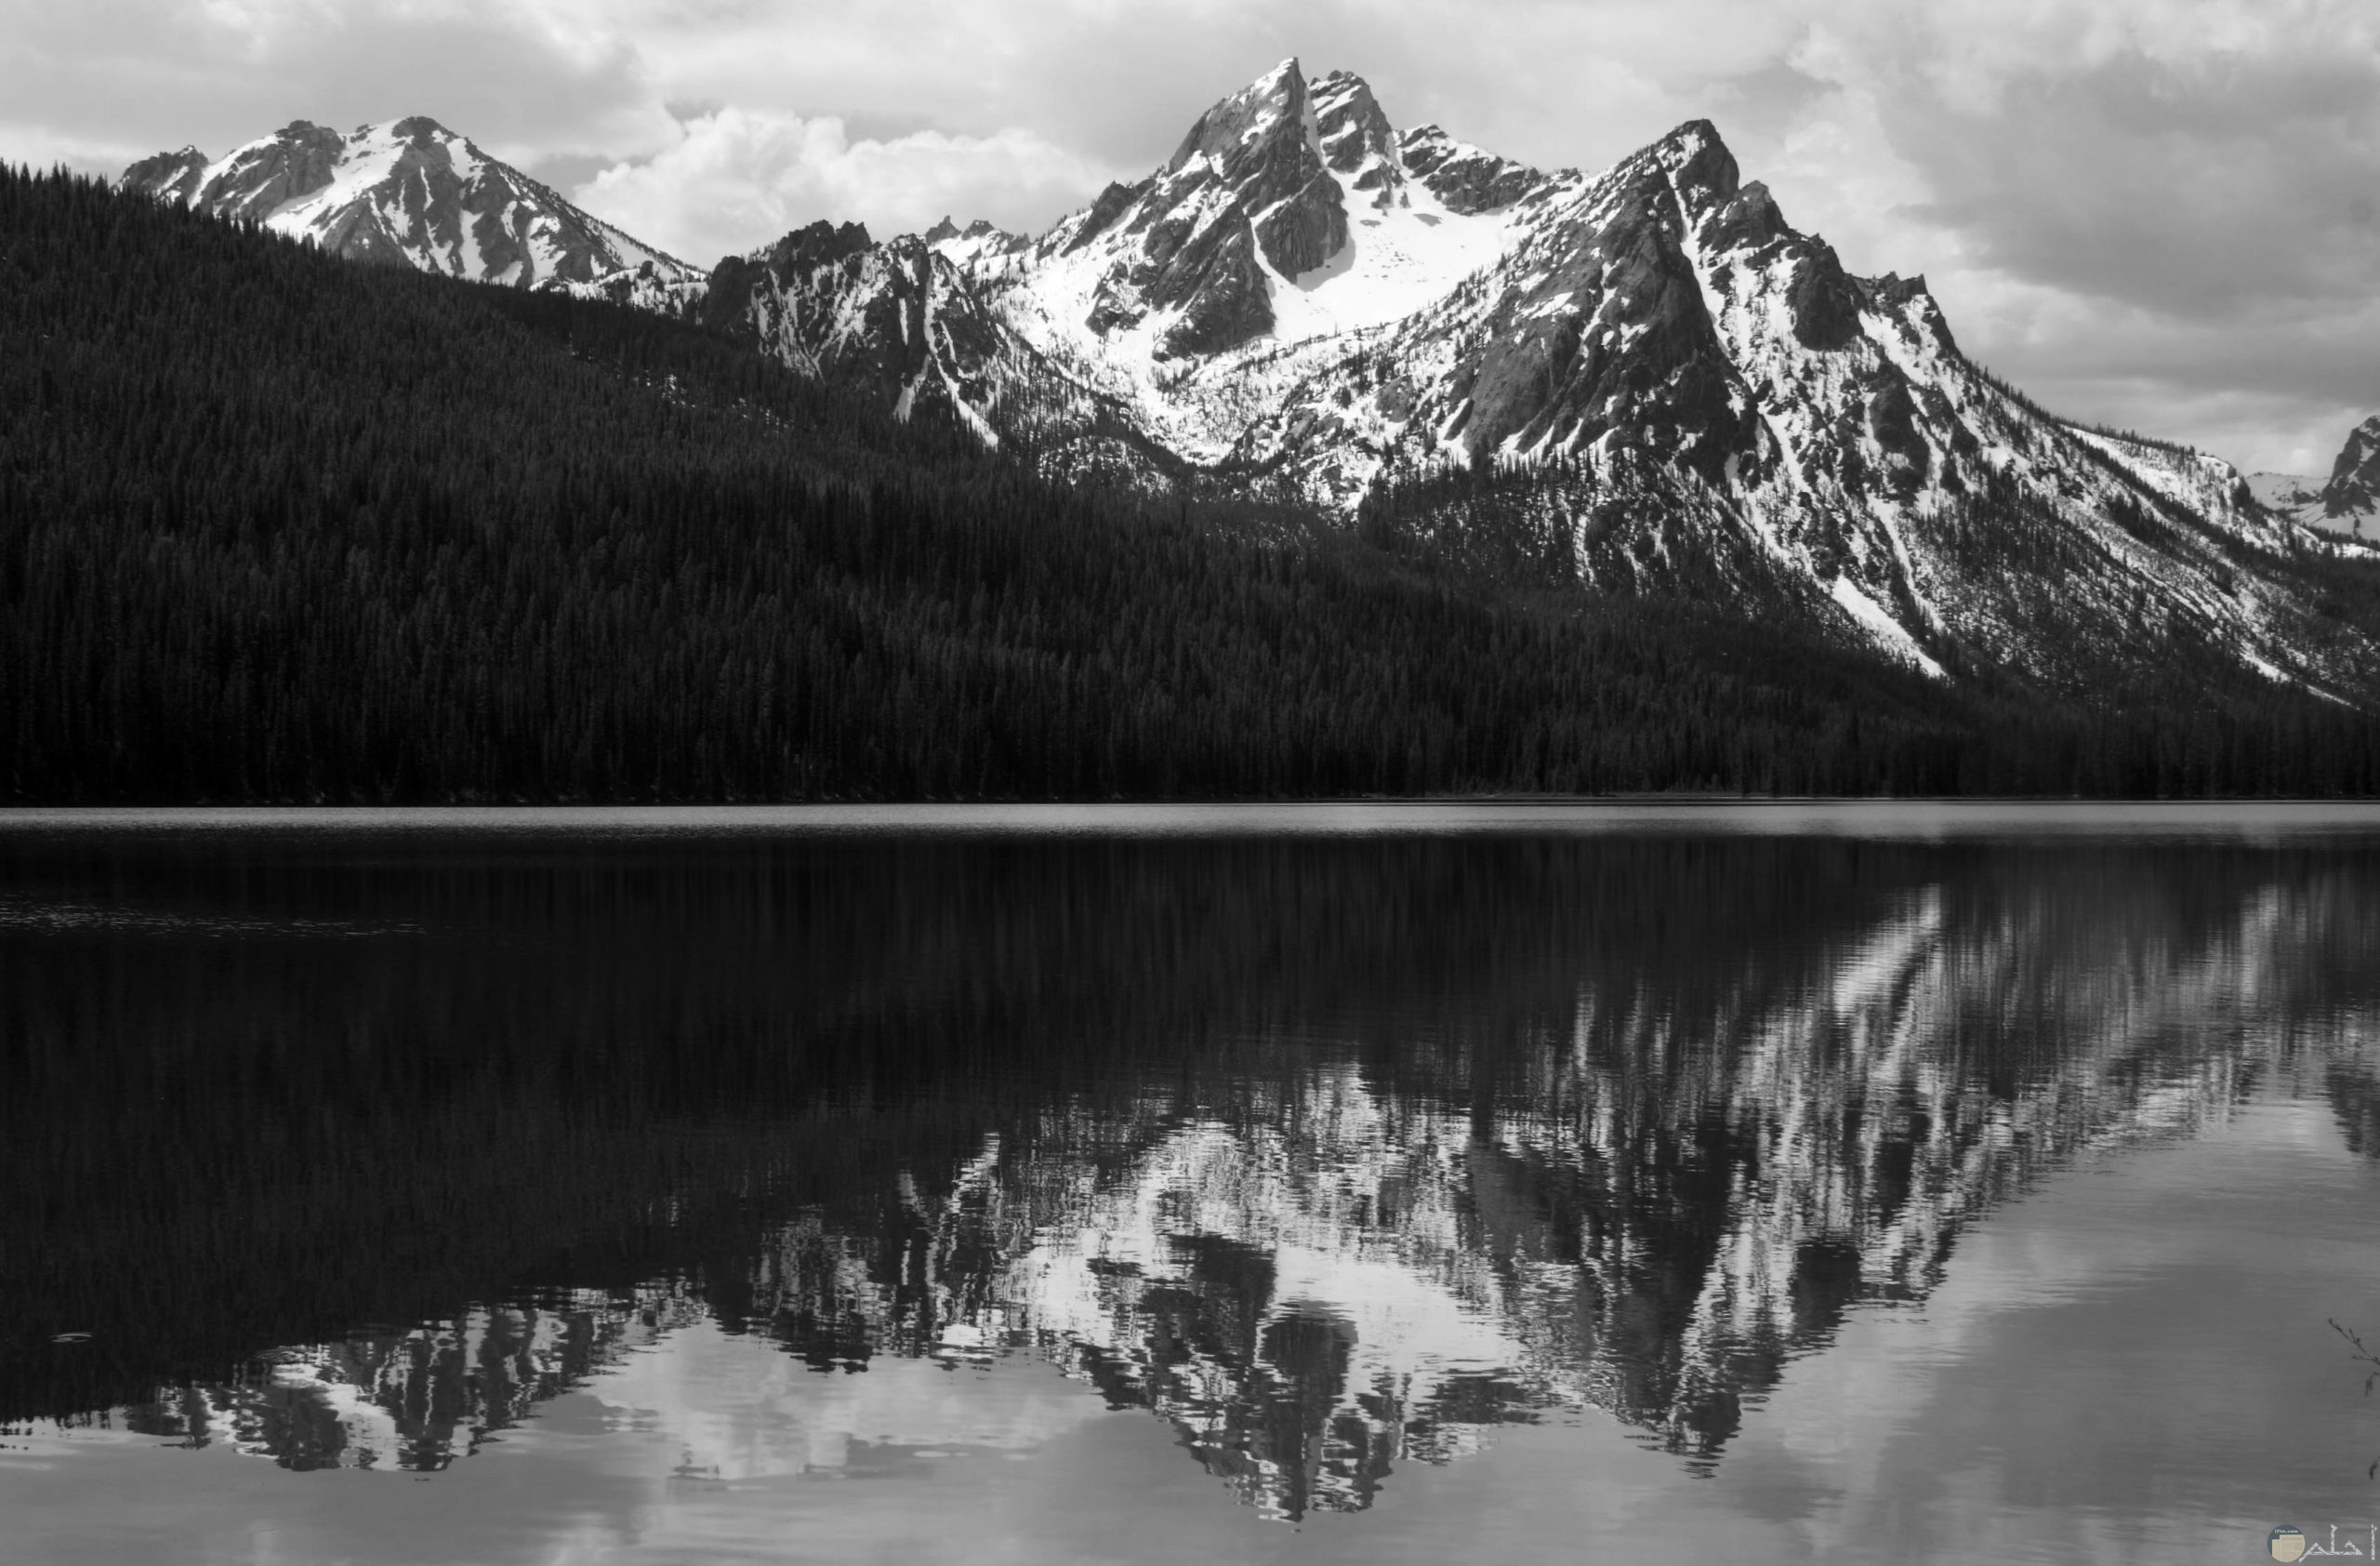 صورة مياة وسط الجبال بالابيض و الاسود.